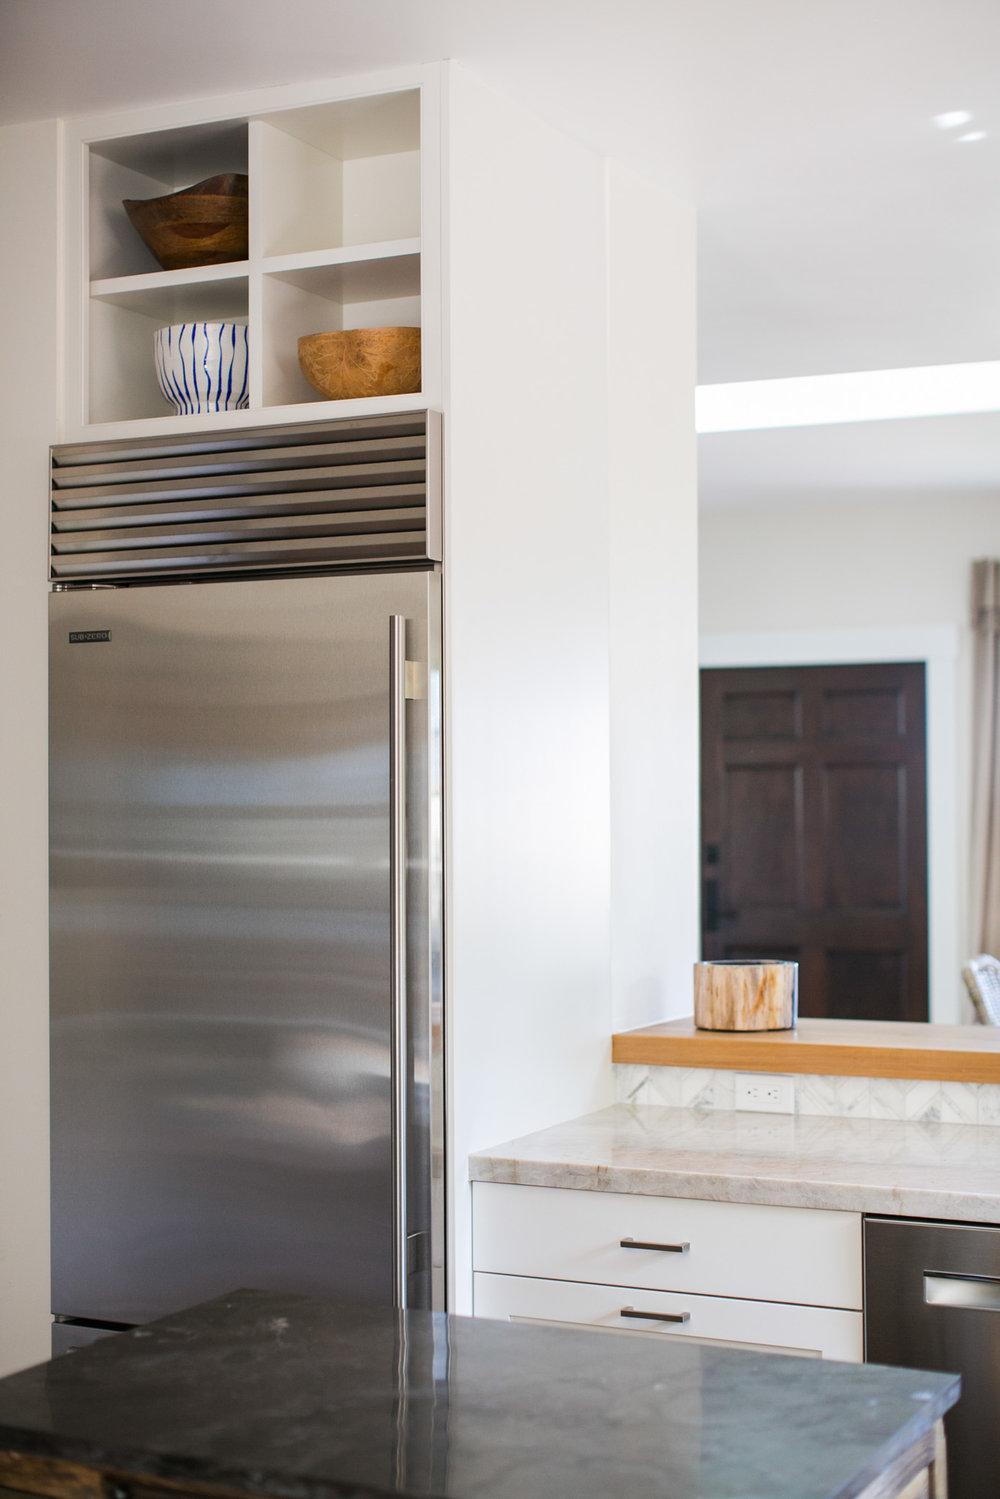 Jodi G Designs Santa Barbra Interior Designer Alta Vista-52.jpg